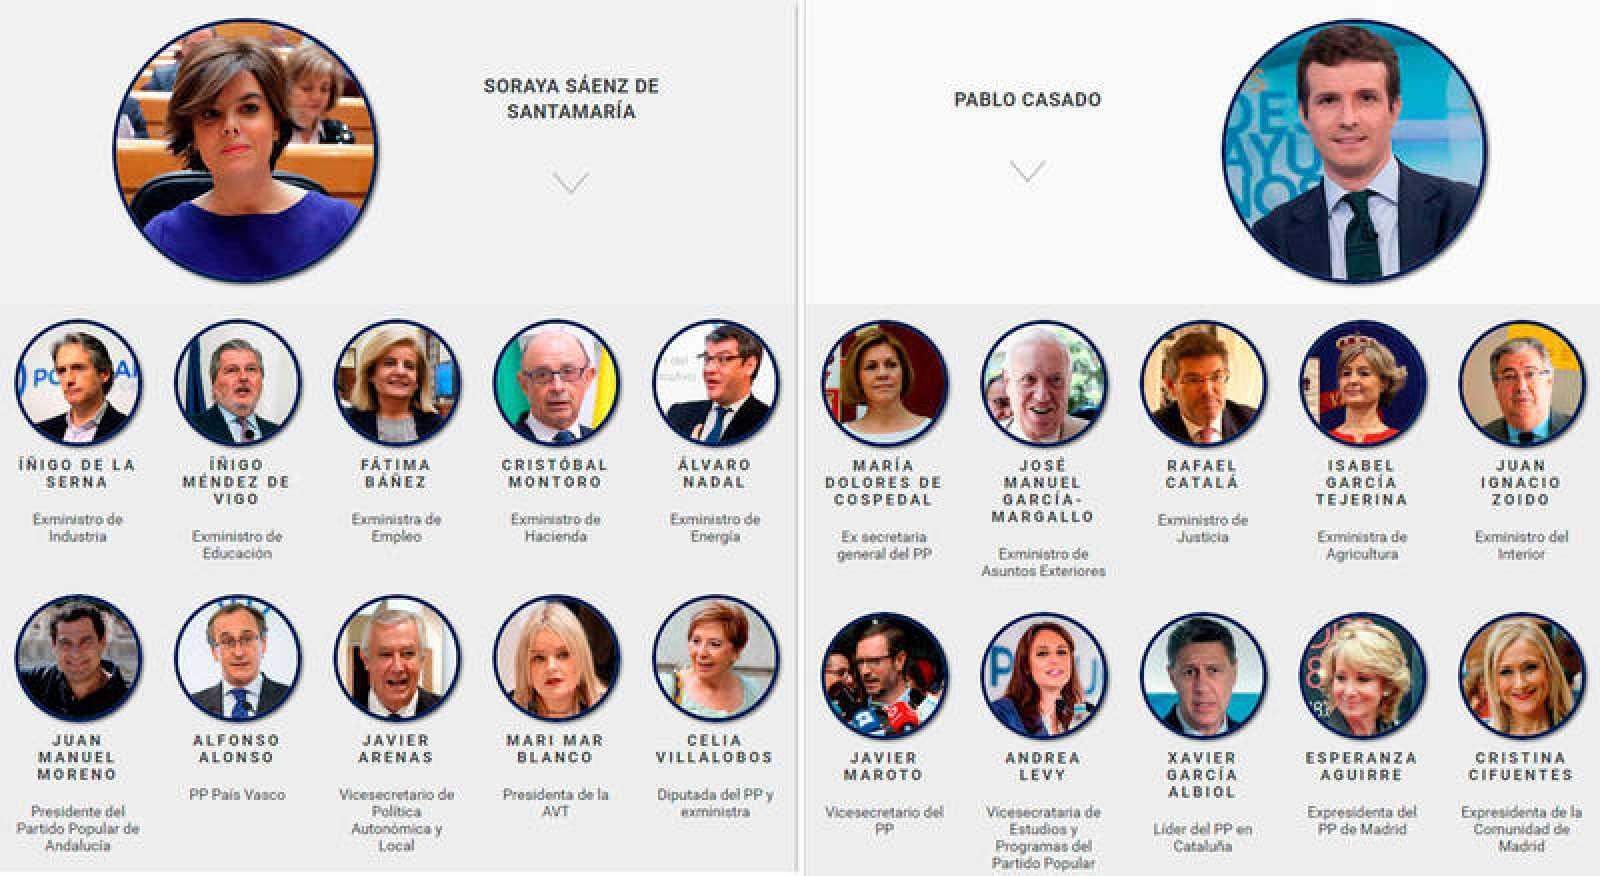 Los 10 principales apoyos de Santamaría y Casado para vencer en las primarias del PP